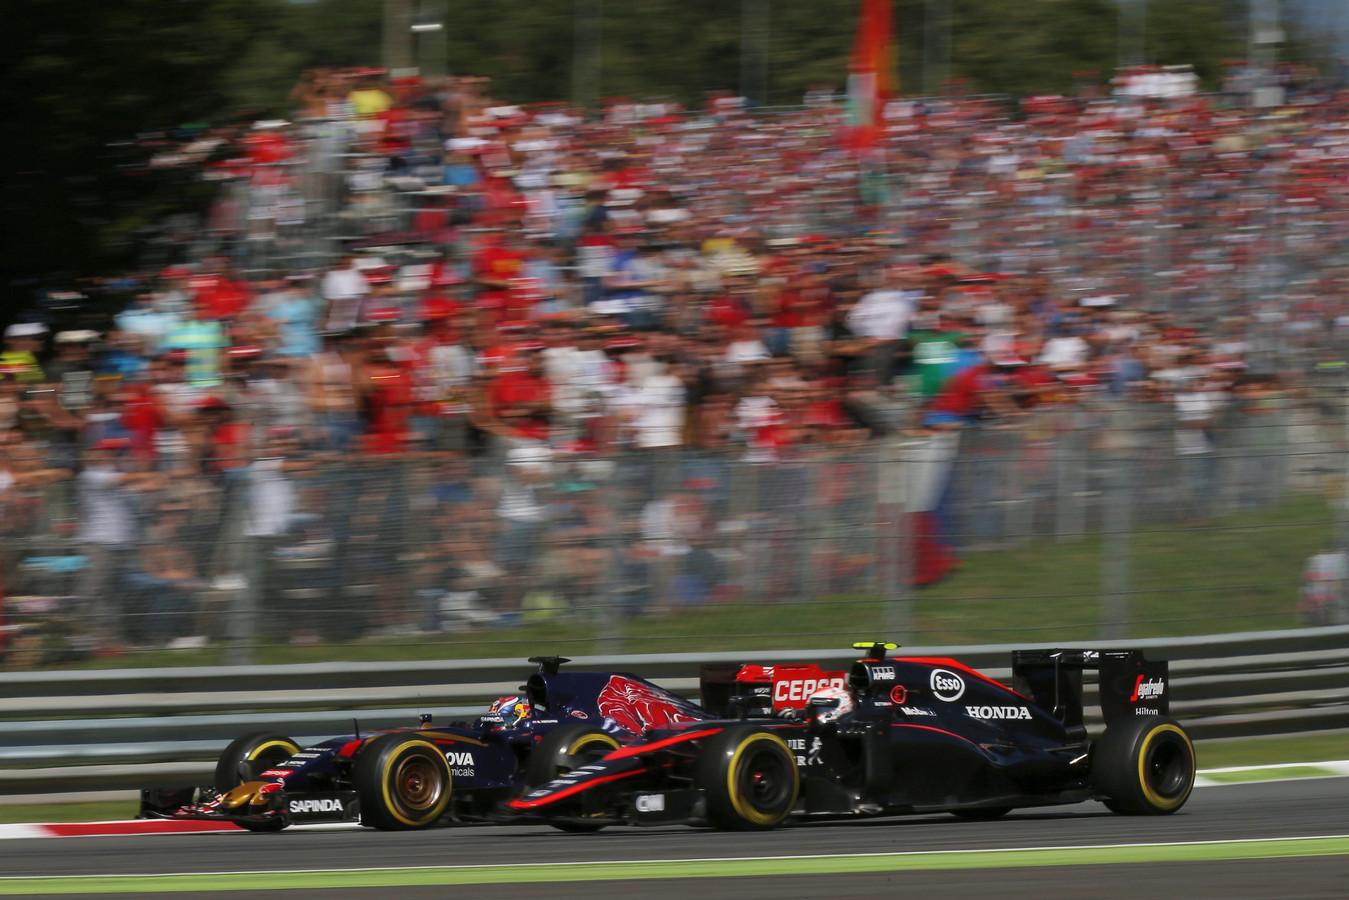 De inhaalactie van Verstappen bij Jenson Button.